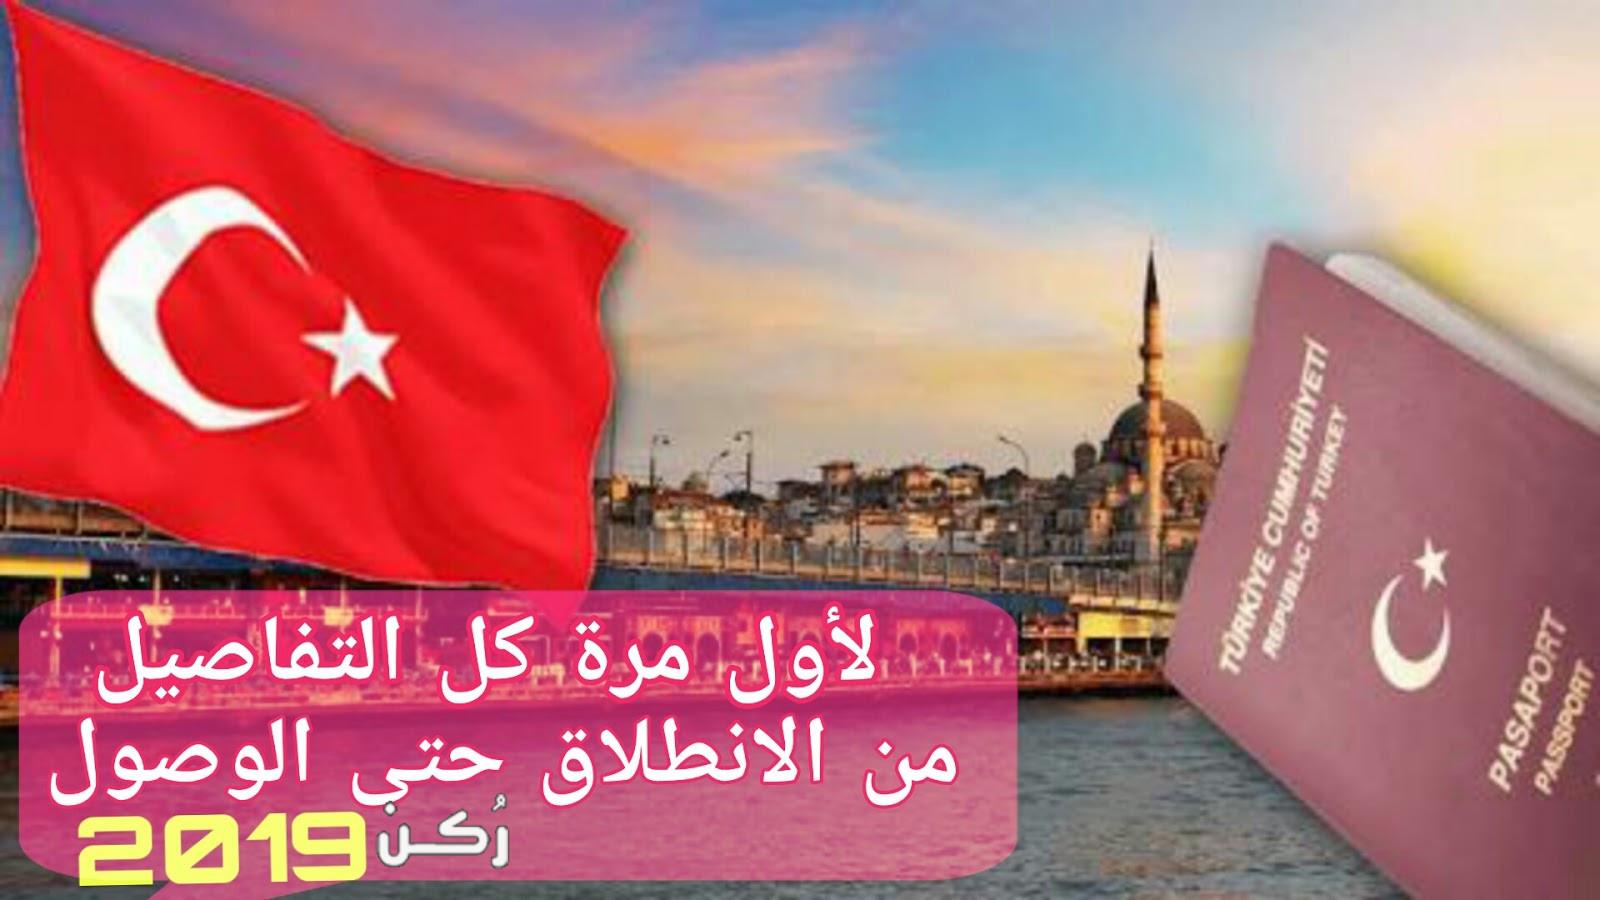 شروط الهجرة للمسافرون العرب إلى تركيا 2020